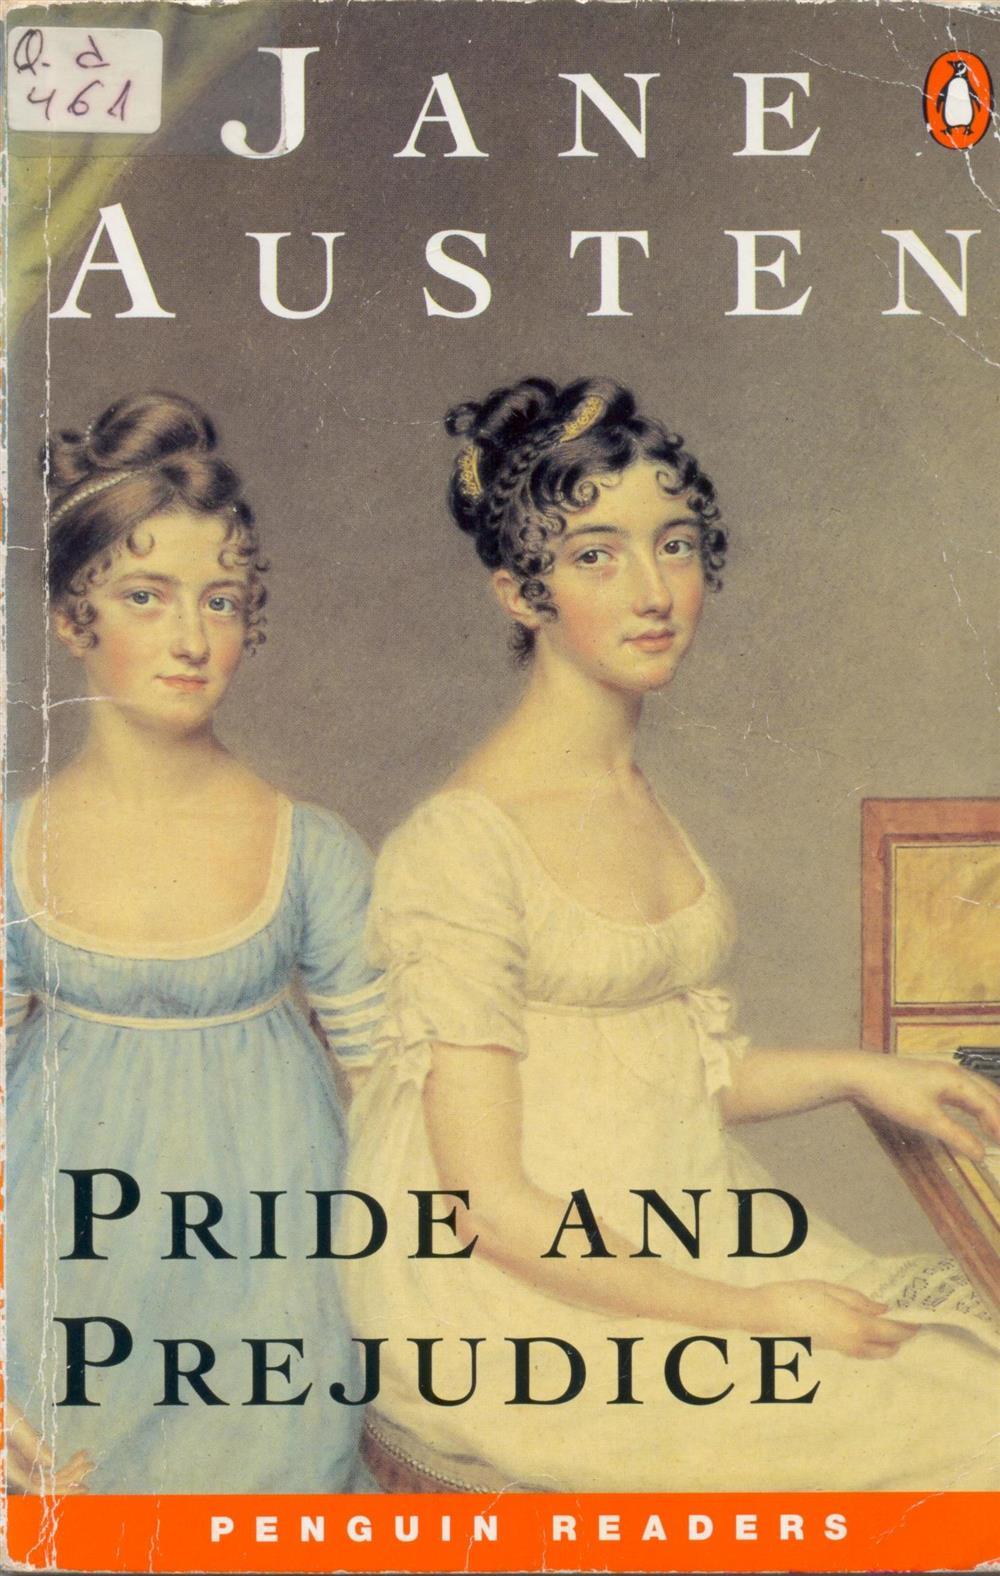 Pride and prejudice 001.jpg